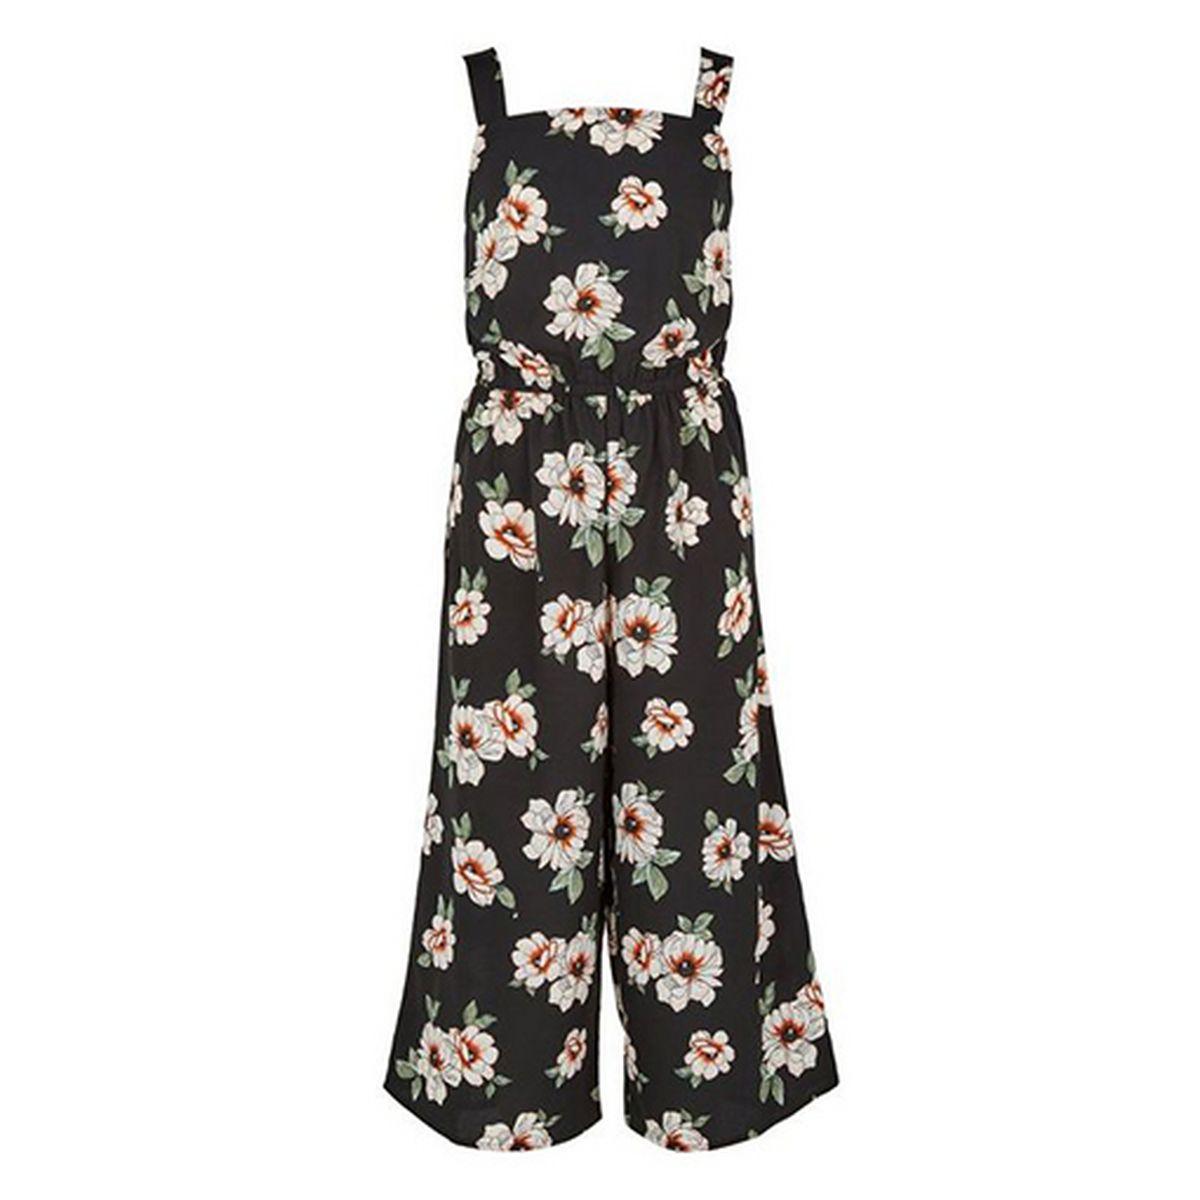 2545e4b4019c Pink Check Denim Pinafore Dress. £19.99. Black Floral Square Neck Jumpsuit